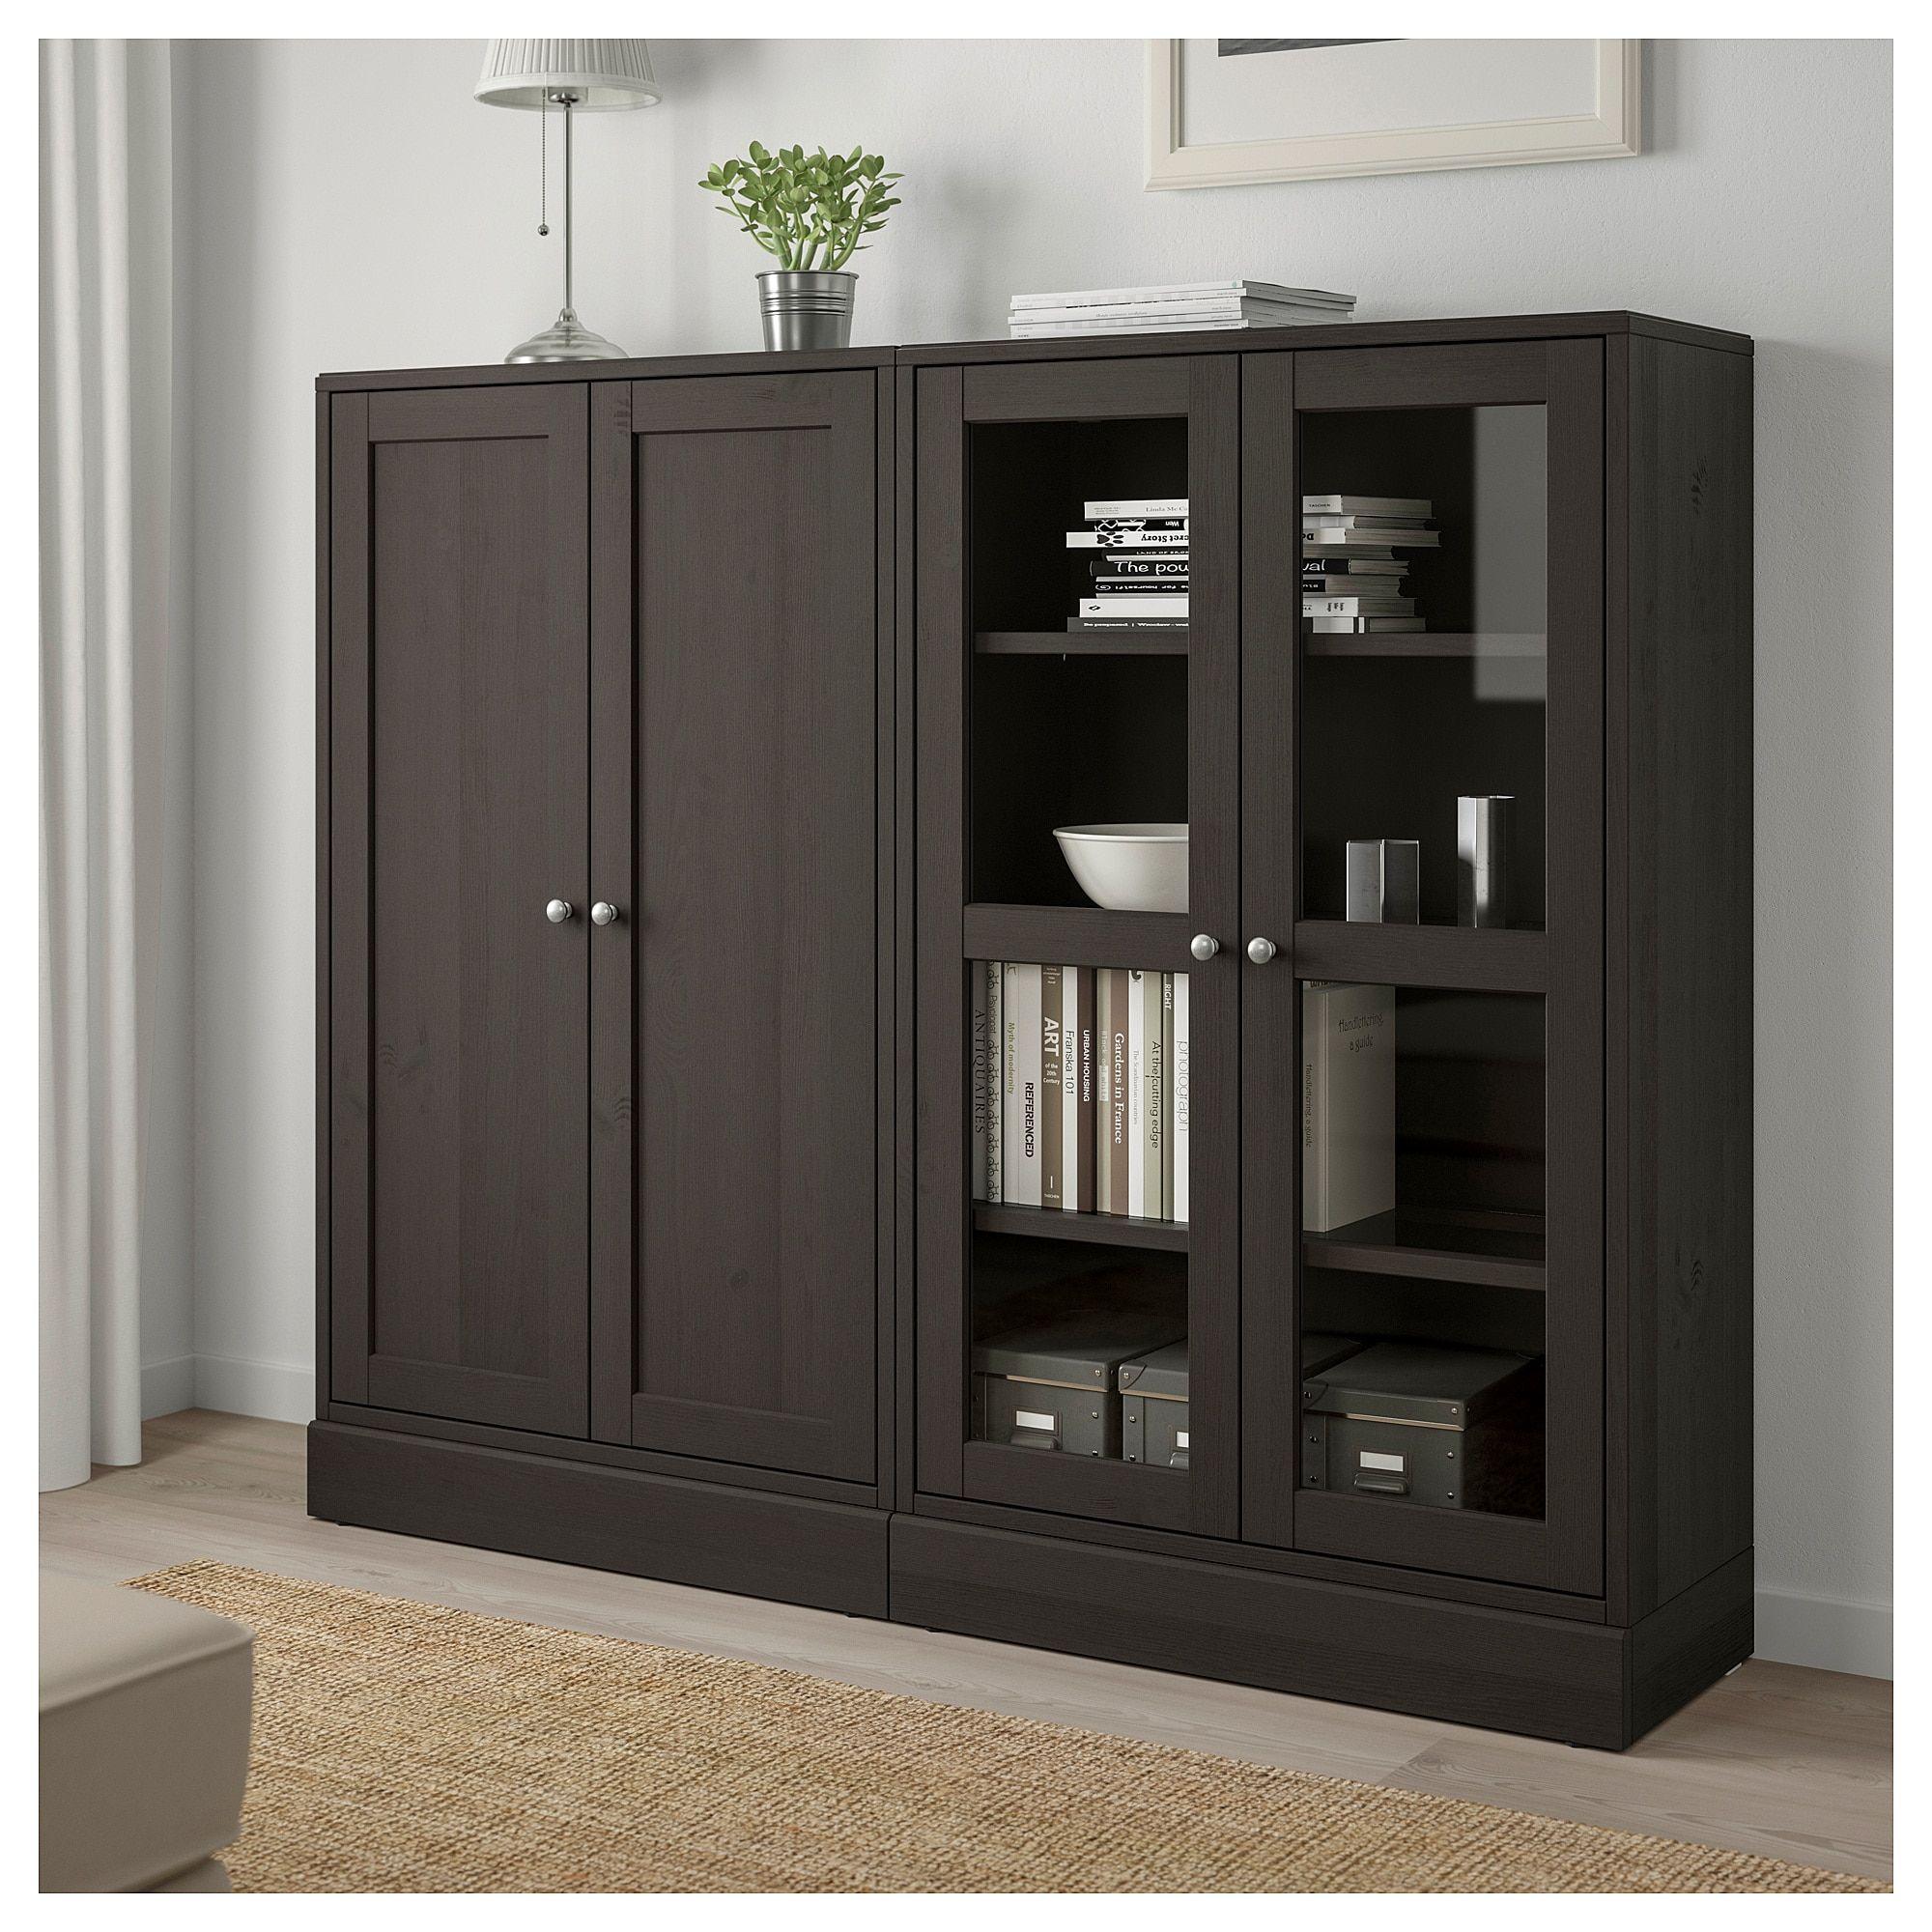 IKEA HAVSTA Storage combination w/glass doors dark brown